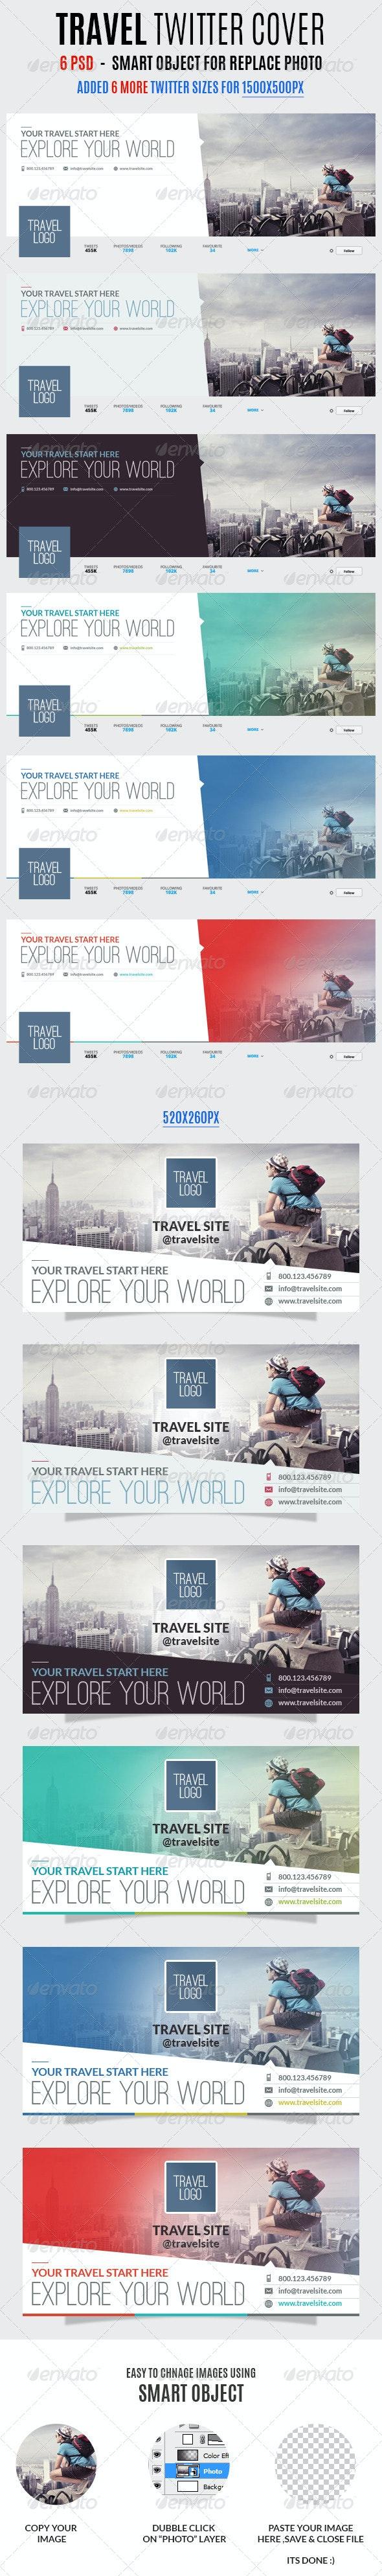 Travel Twitter Covers - Twitter Social Media